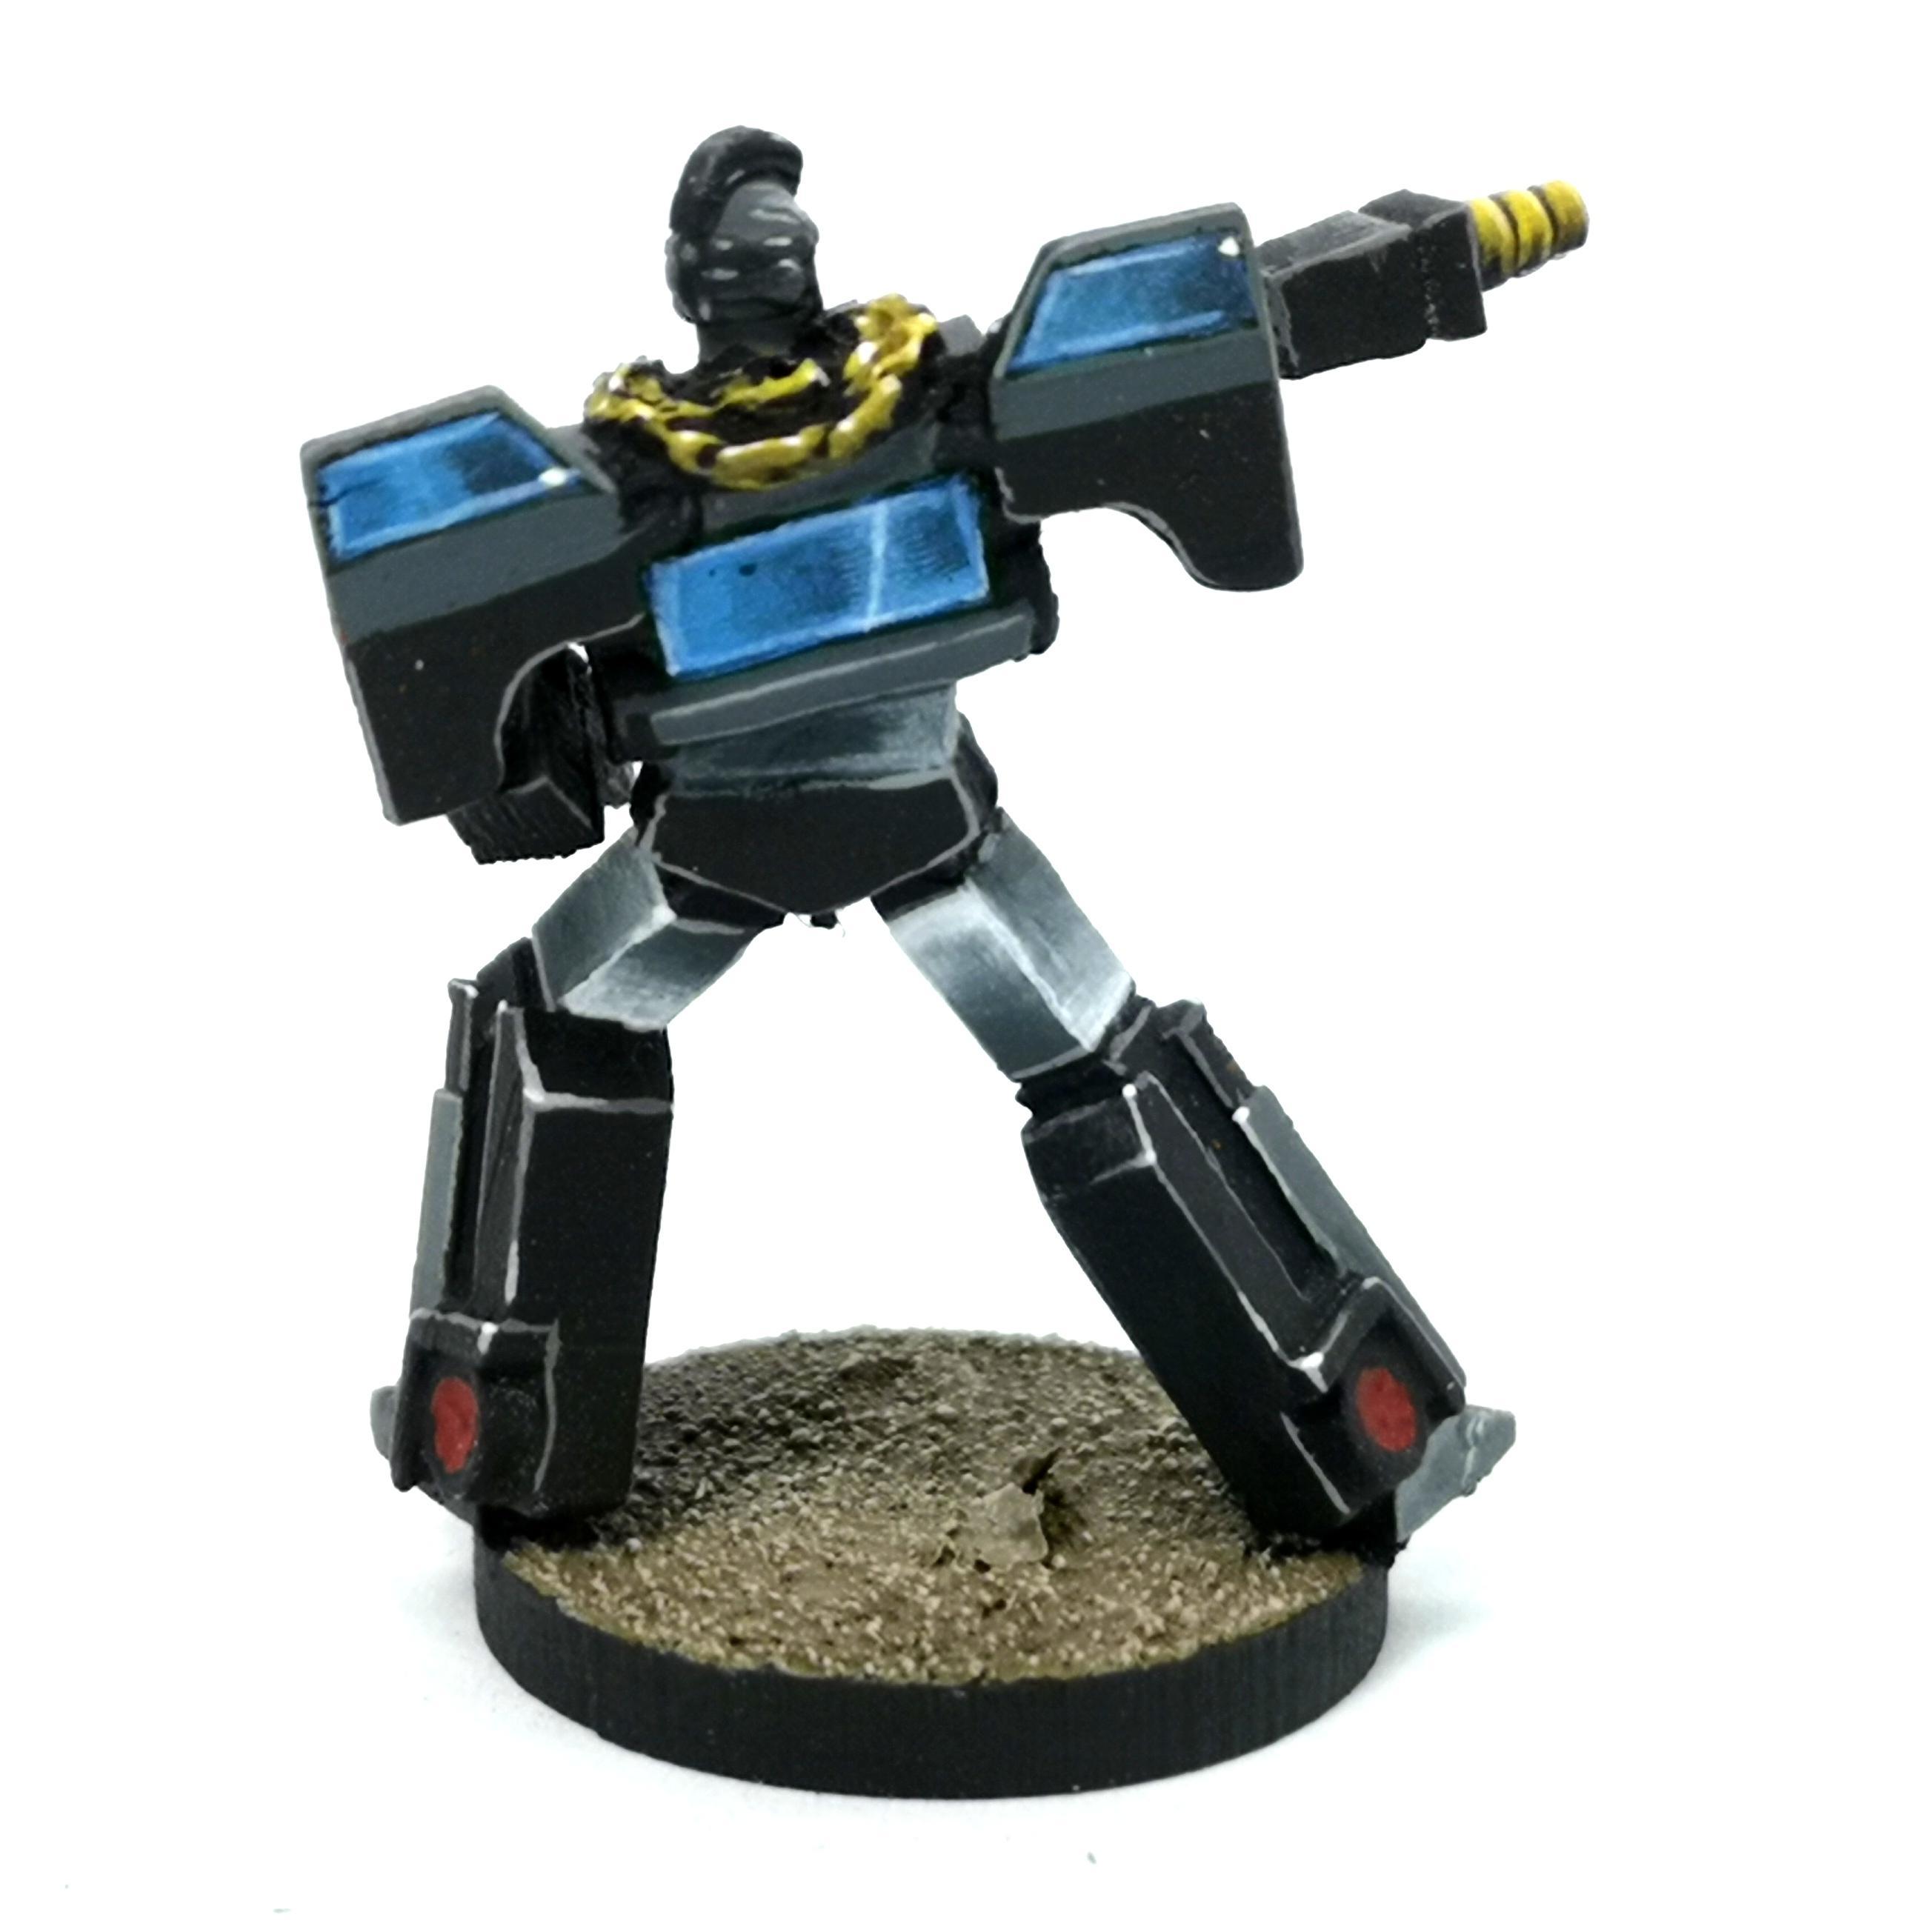 10mm, A-team, Ba Barracus, Bot War, Mech, Mechs, Mr T, Robot, Robots, Traders Galaxy, Transformers